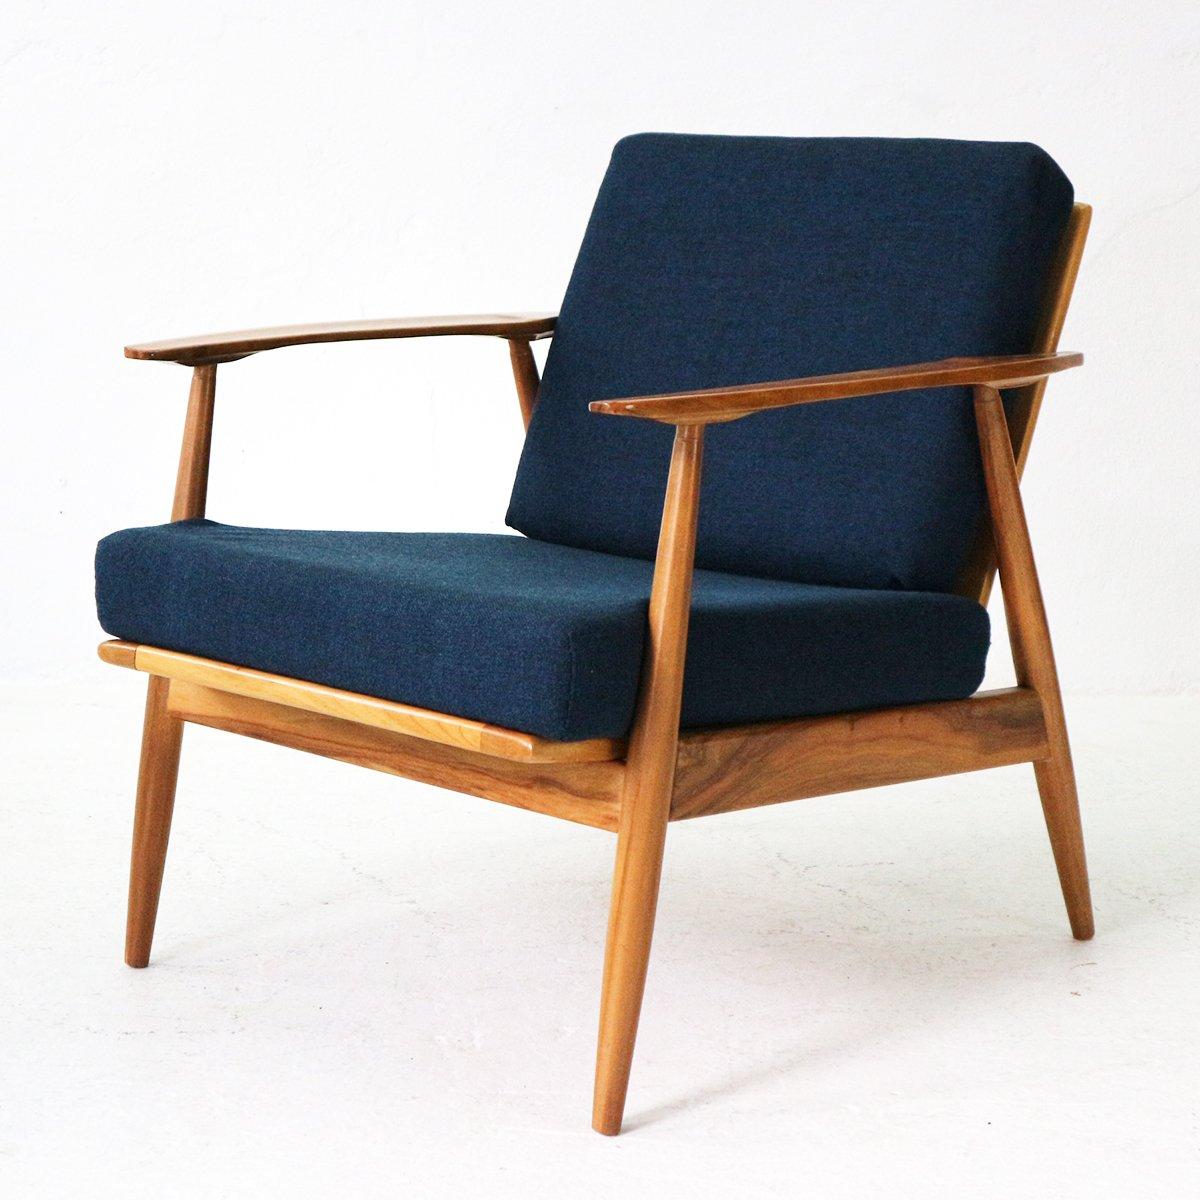 mid century sessel aus nussholz 1960er haustechnik thiel. Black Bedroom Furniture Sets. Home Design Ideas